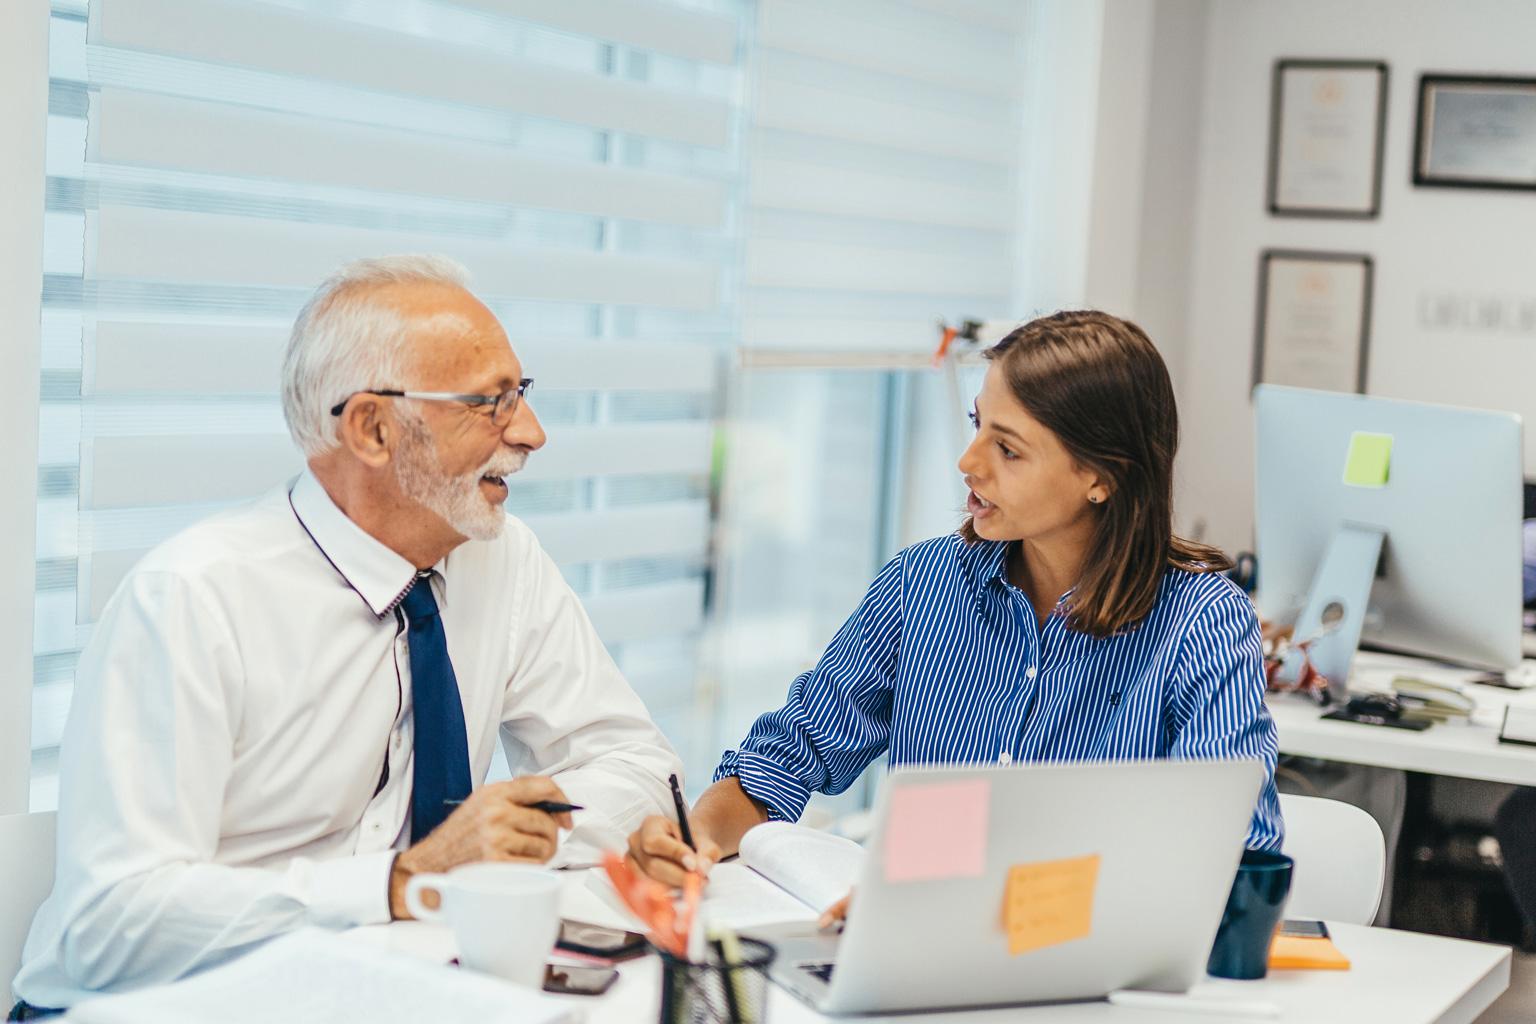 Pan z Panią omawiają raport z działań realizowanych w ramach kontroli zarządczej przygotowany w LEX Kontrola Zarządcza